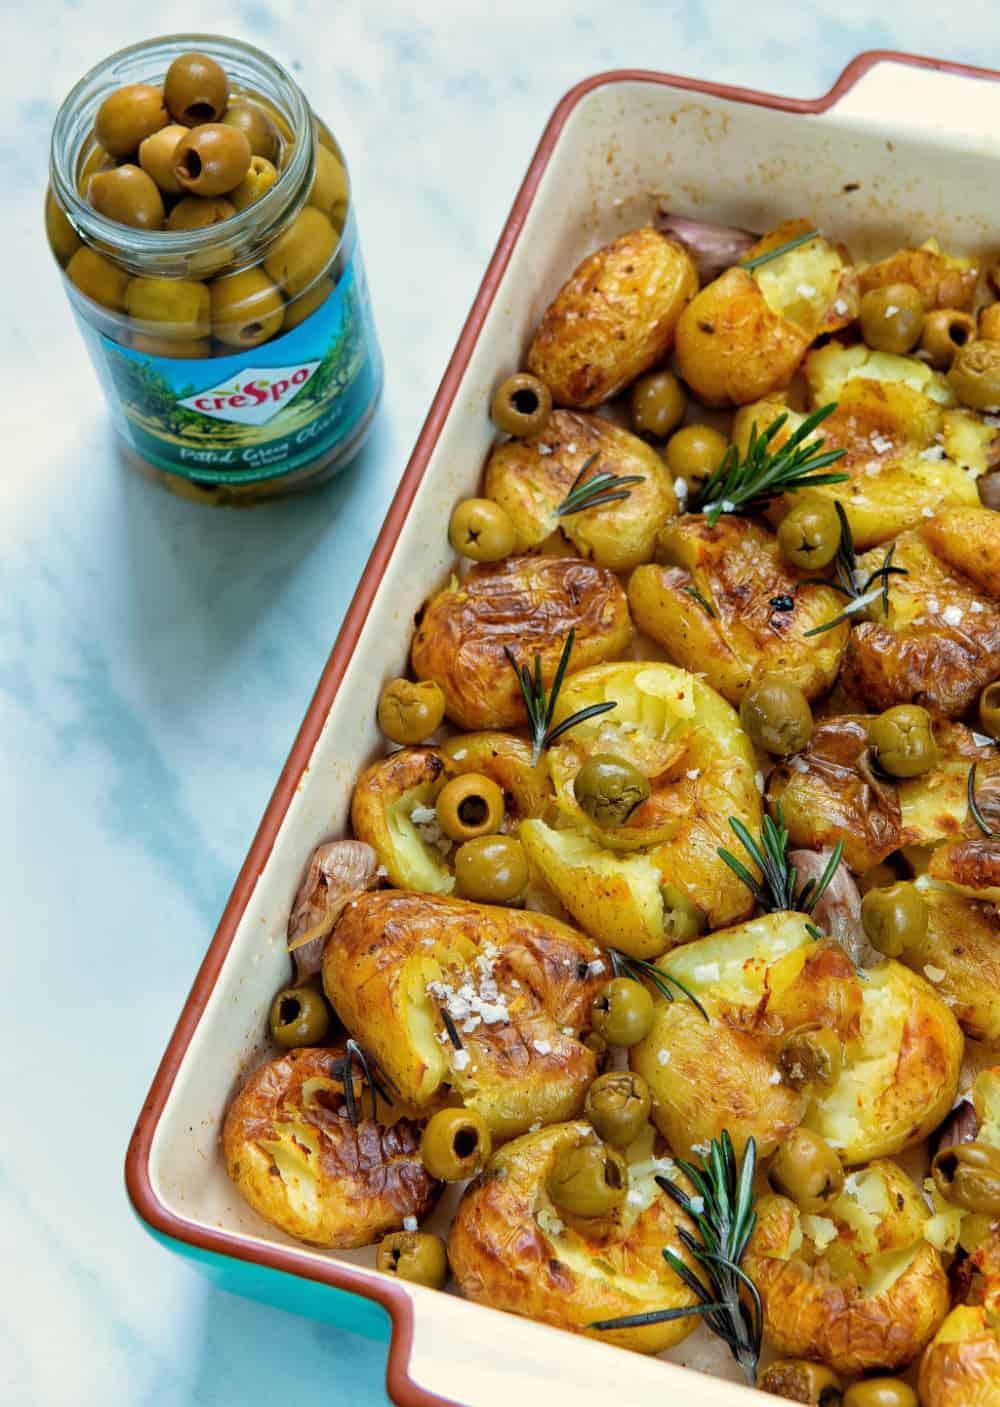 Smashed Olive Potatoes - Crespo Jar Front